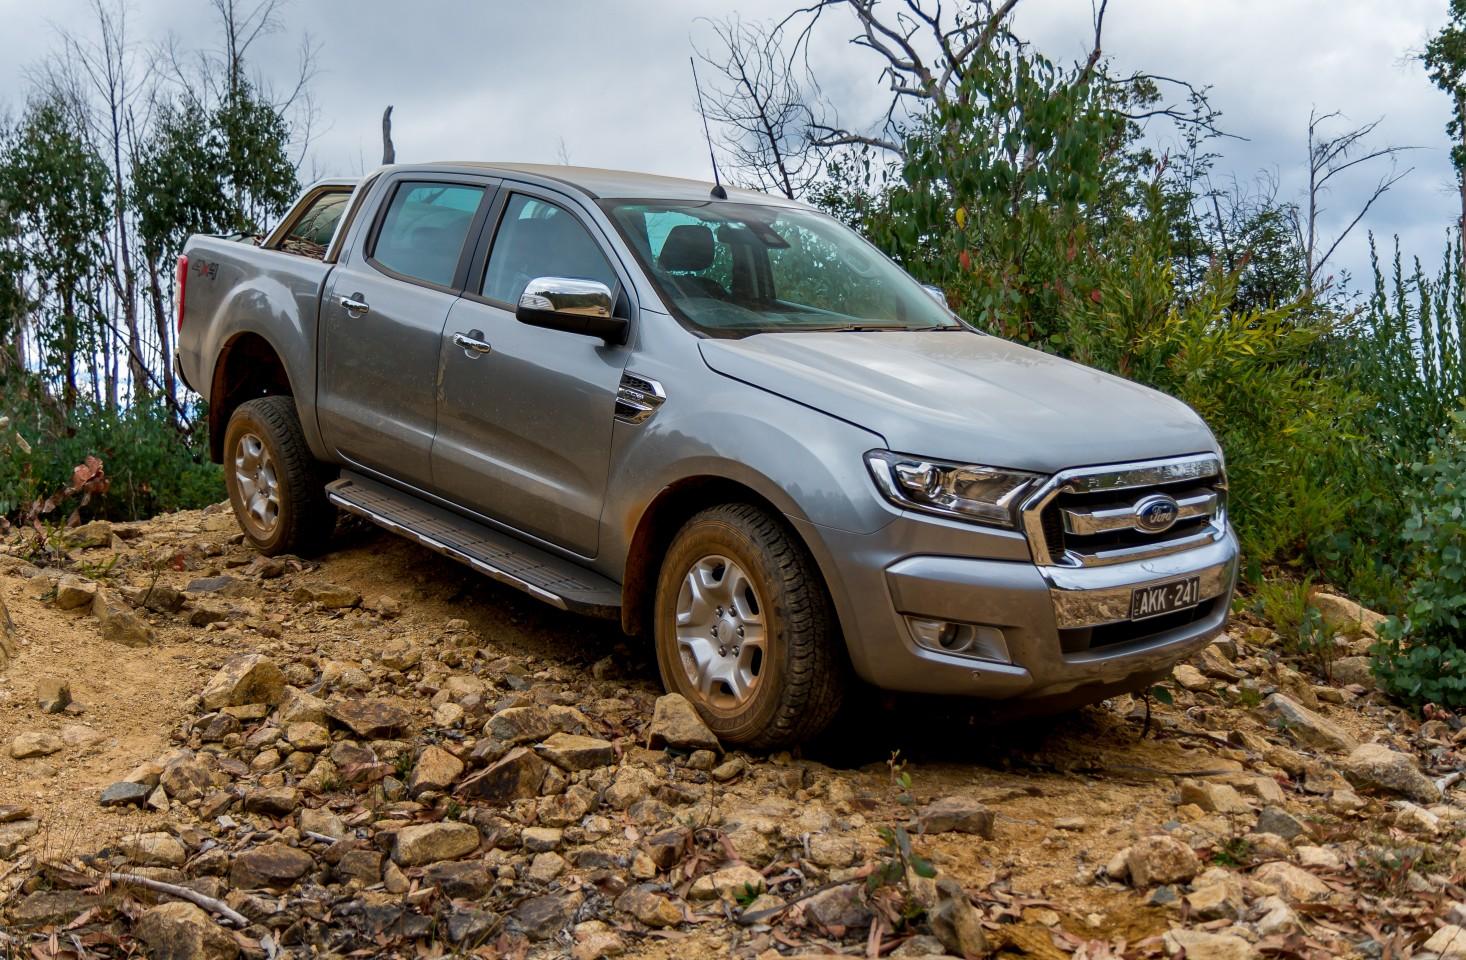 2017-Ford-Ranger-XLT-high-country-002-1-of-1.jpg